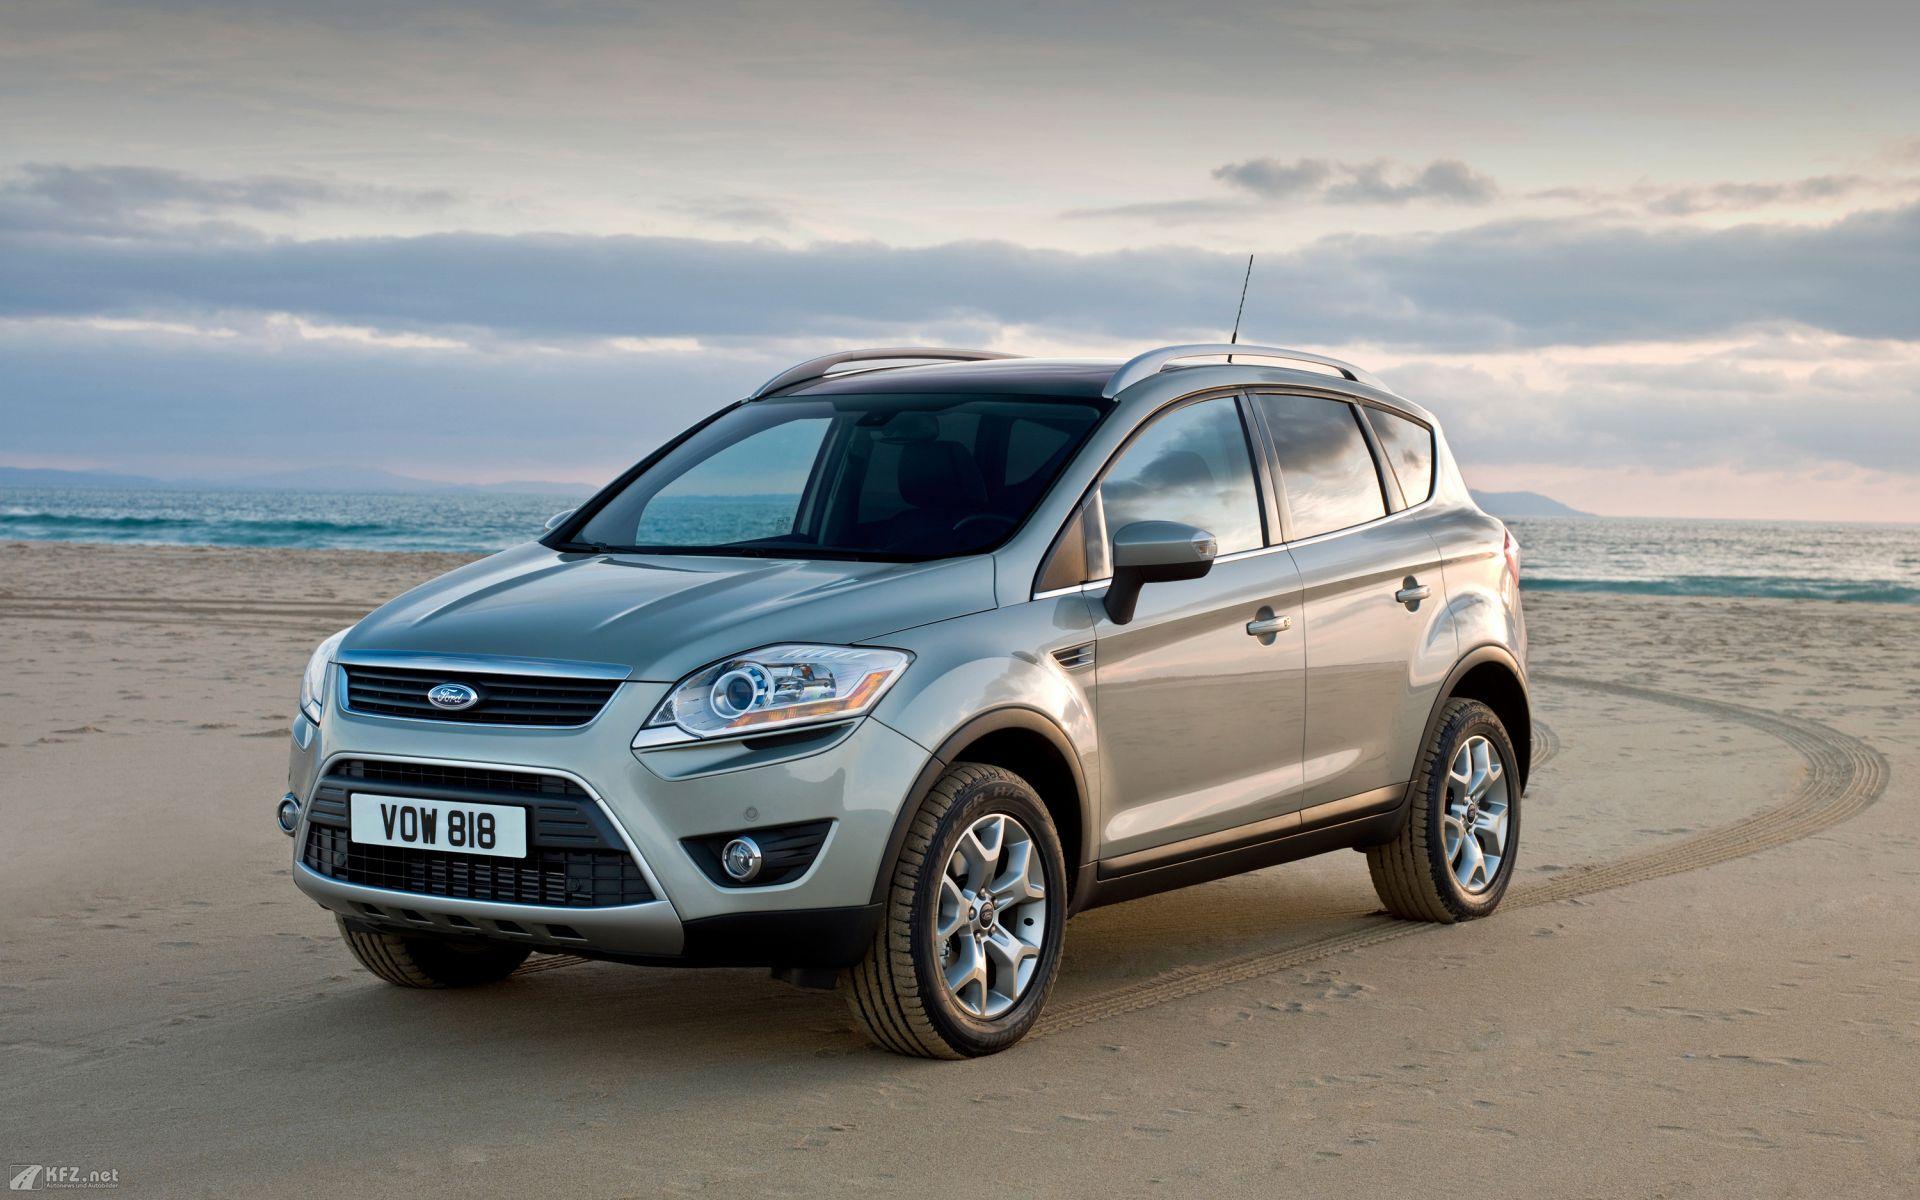 Ford 4X4 Kuga wallpaper   167232 1920x1200